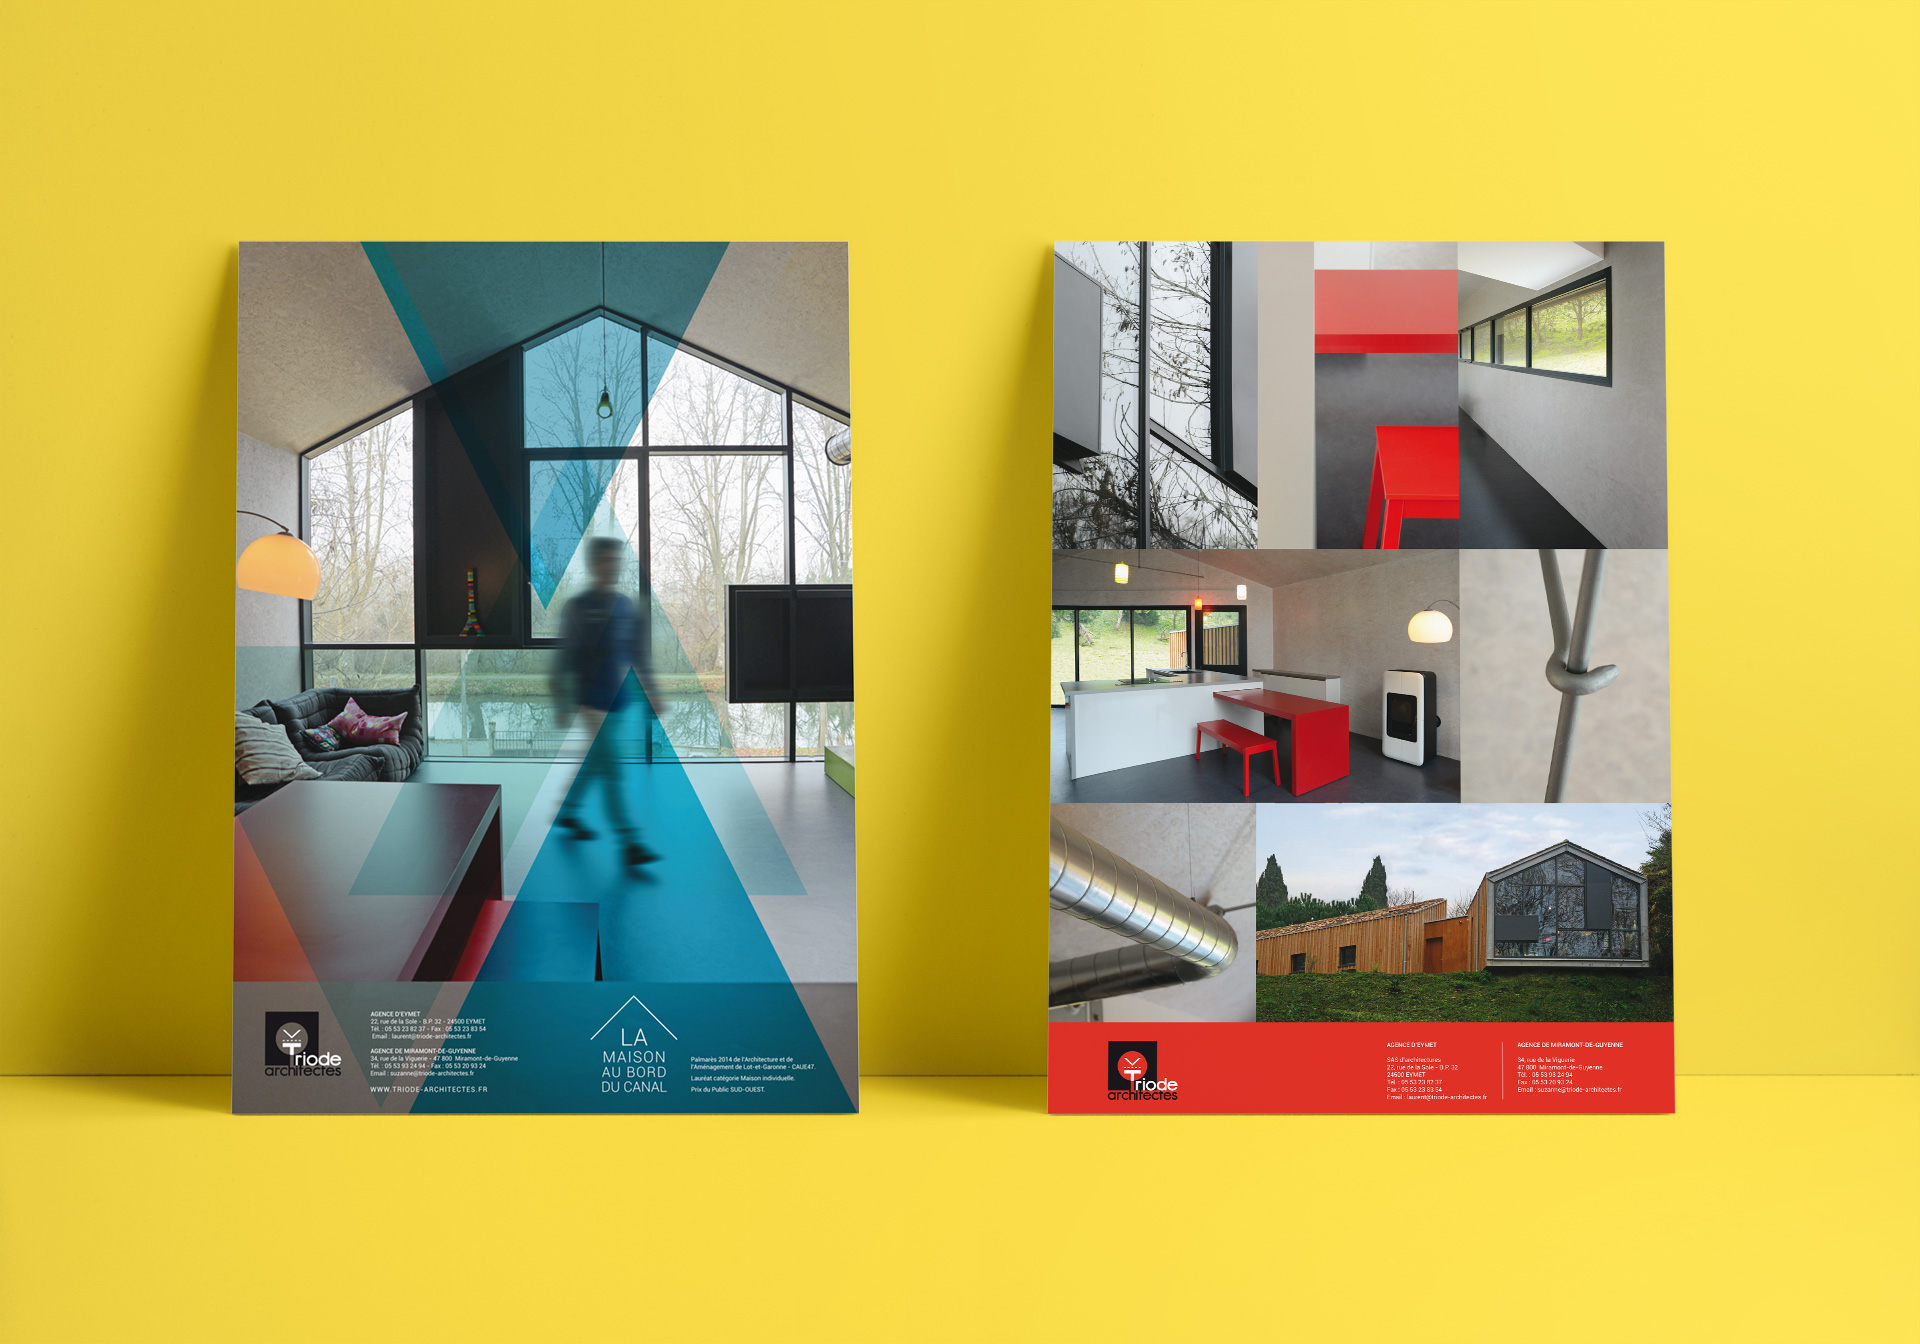 triode architecture poster communication understüd